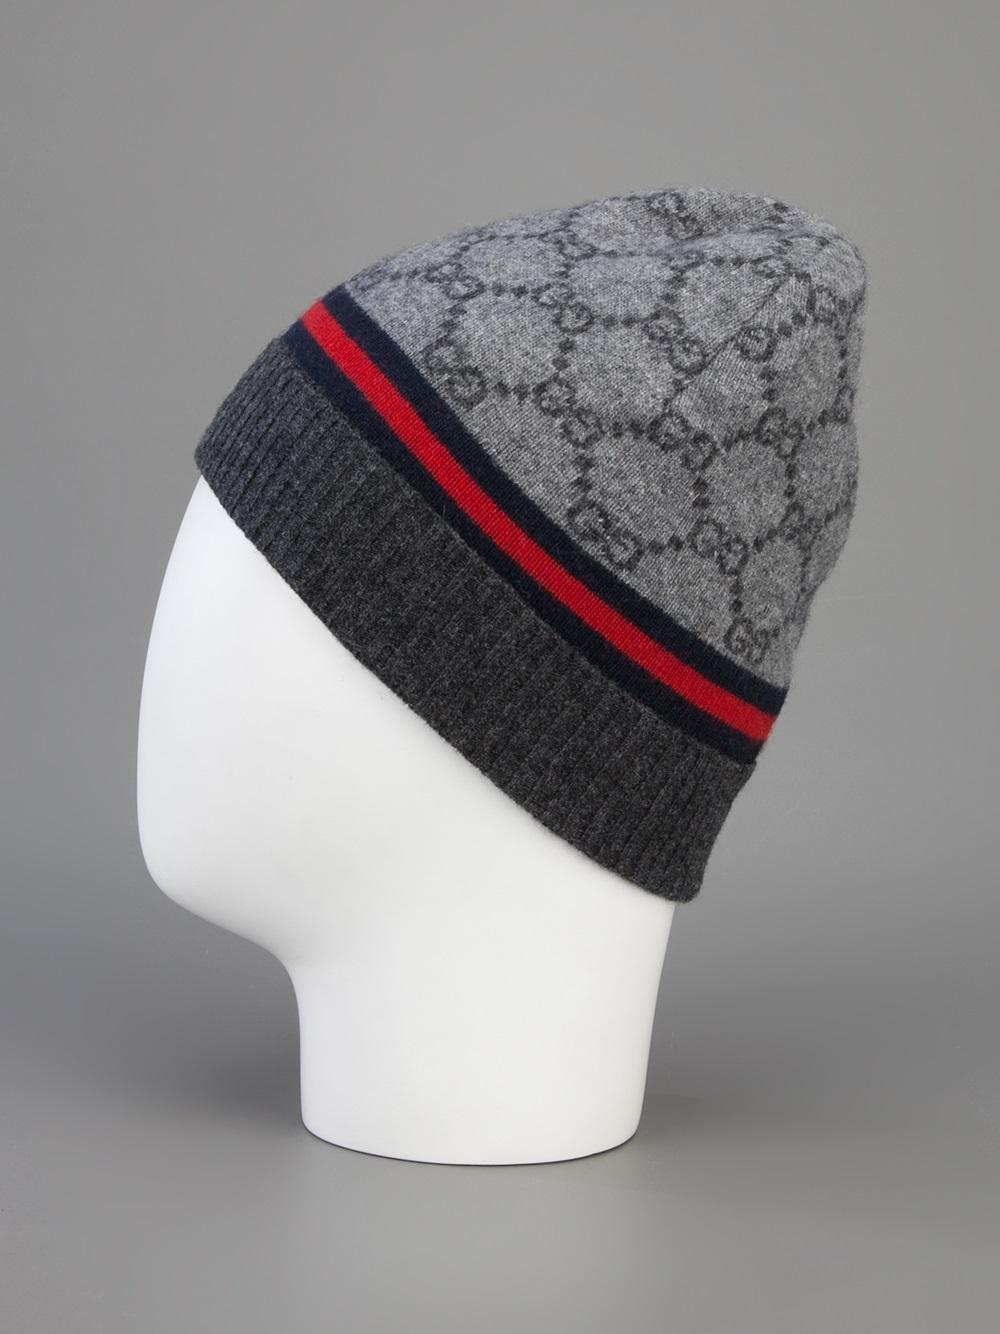 gucci monogram beanie hat in gray